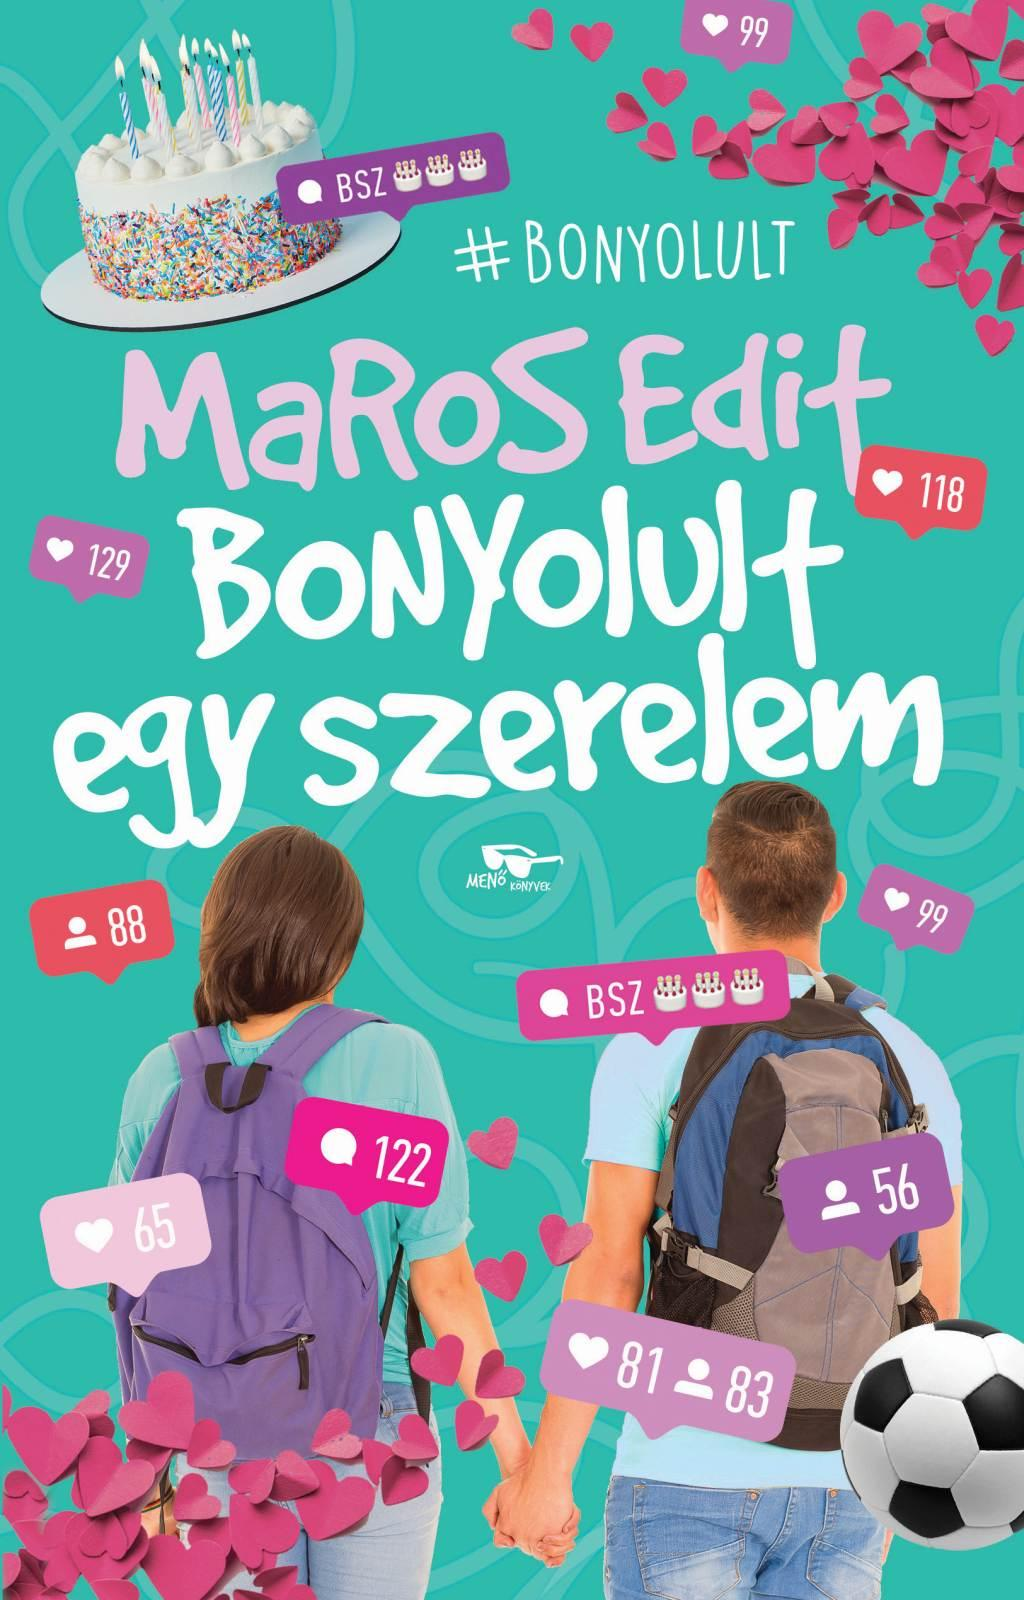 Maros Edit - Bonyolult egy szerelem